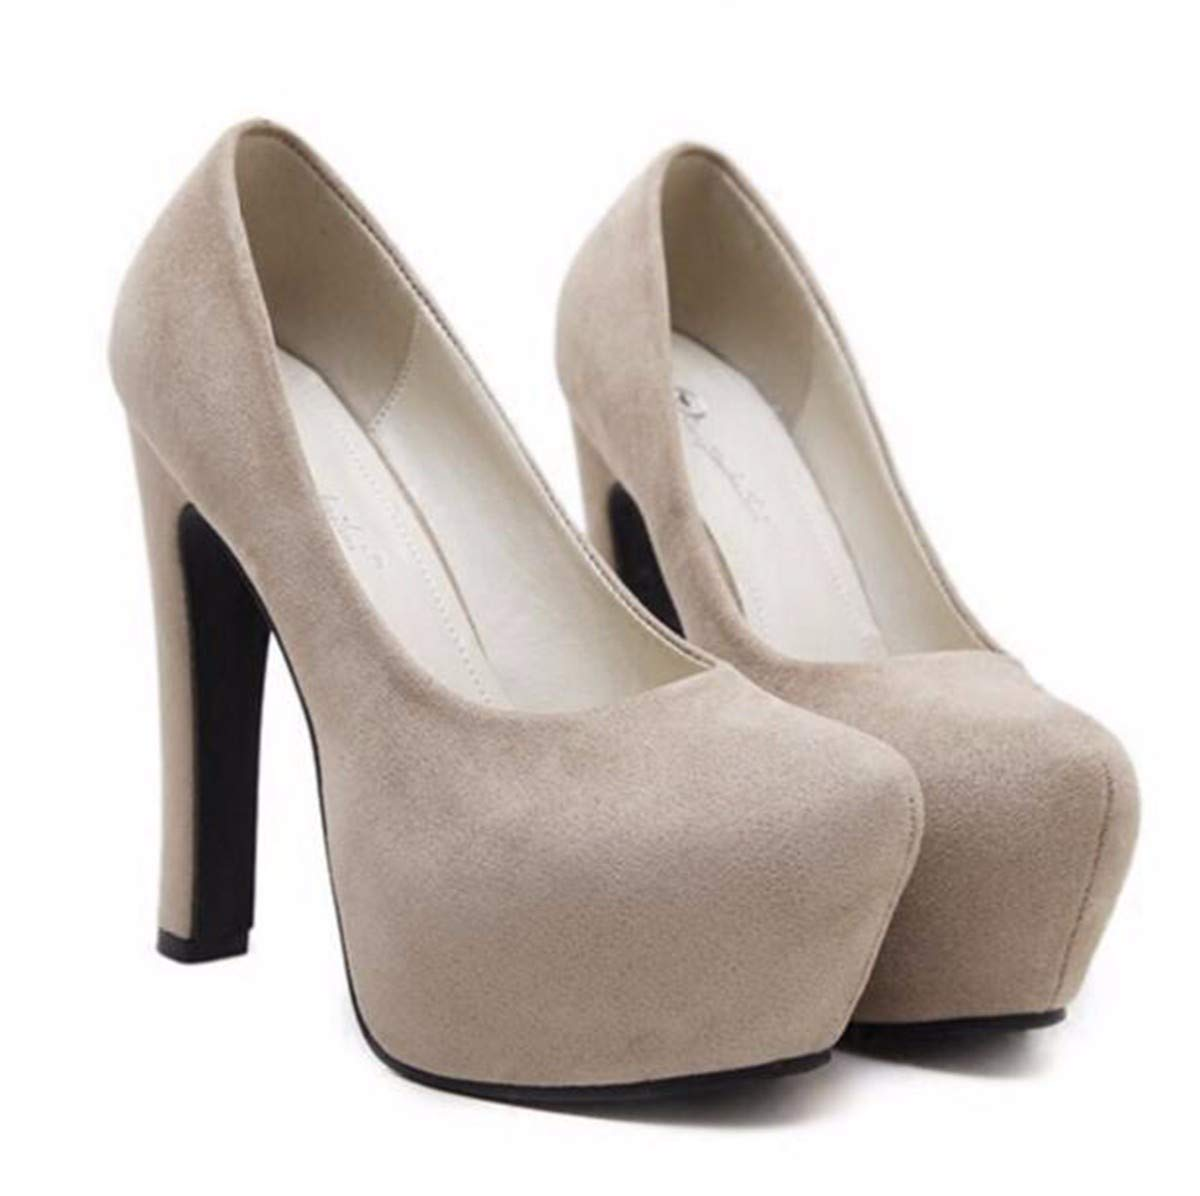 GTVERNH Damenschuhe Mode 14 cm Hochhackigen Schuhe Rau und Runde Nur Schuhe Sexy Tiefe Wasserdicht Plattform Wildleder.